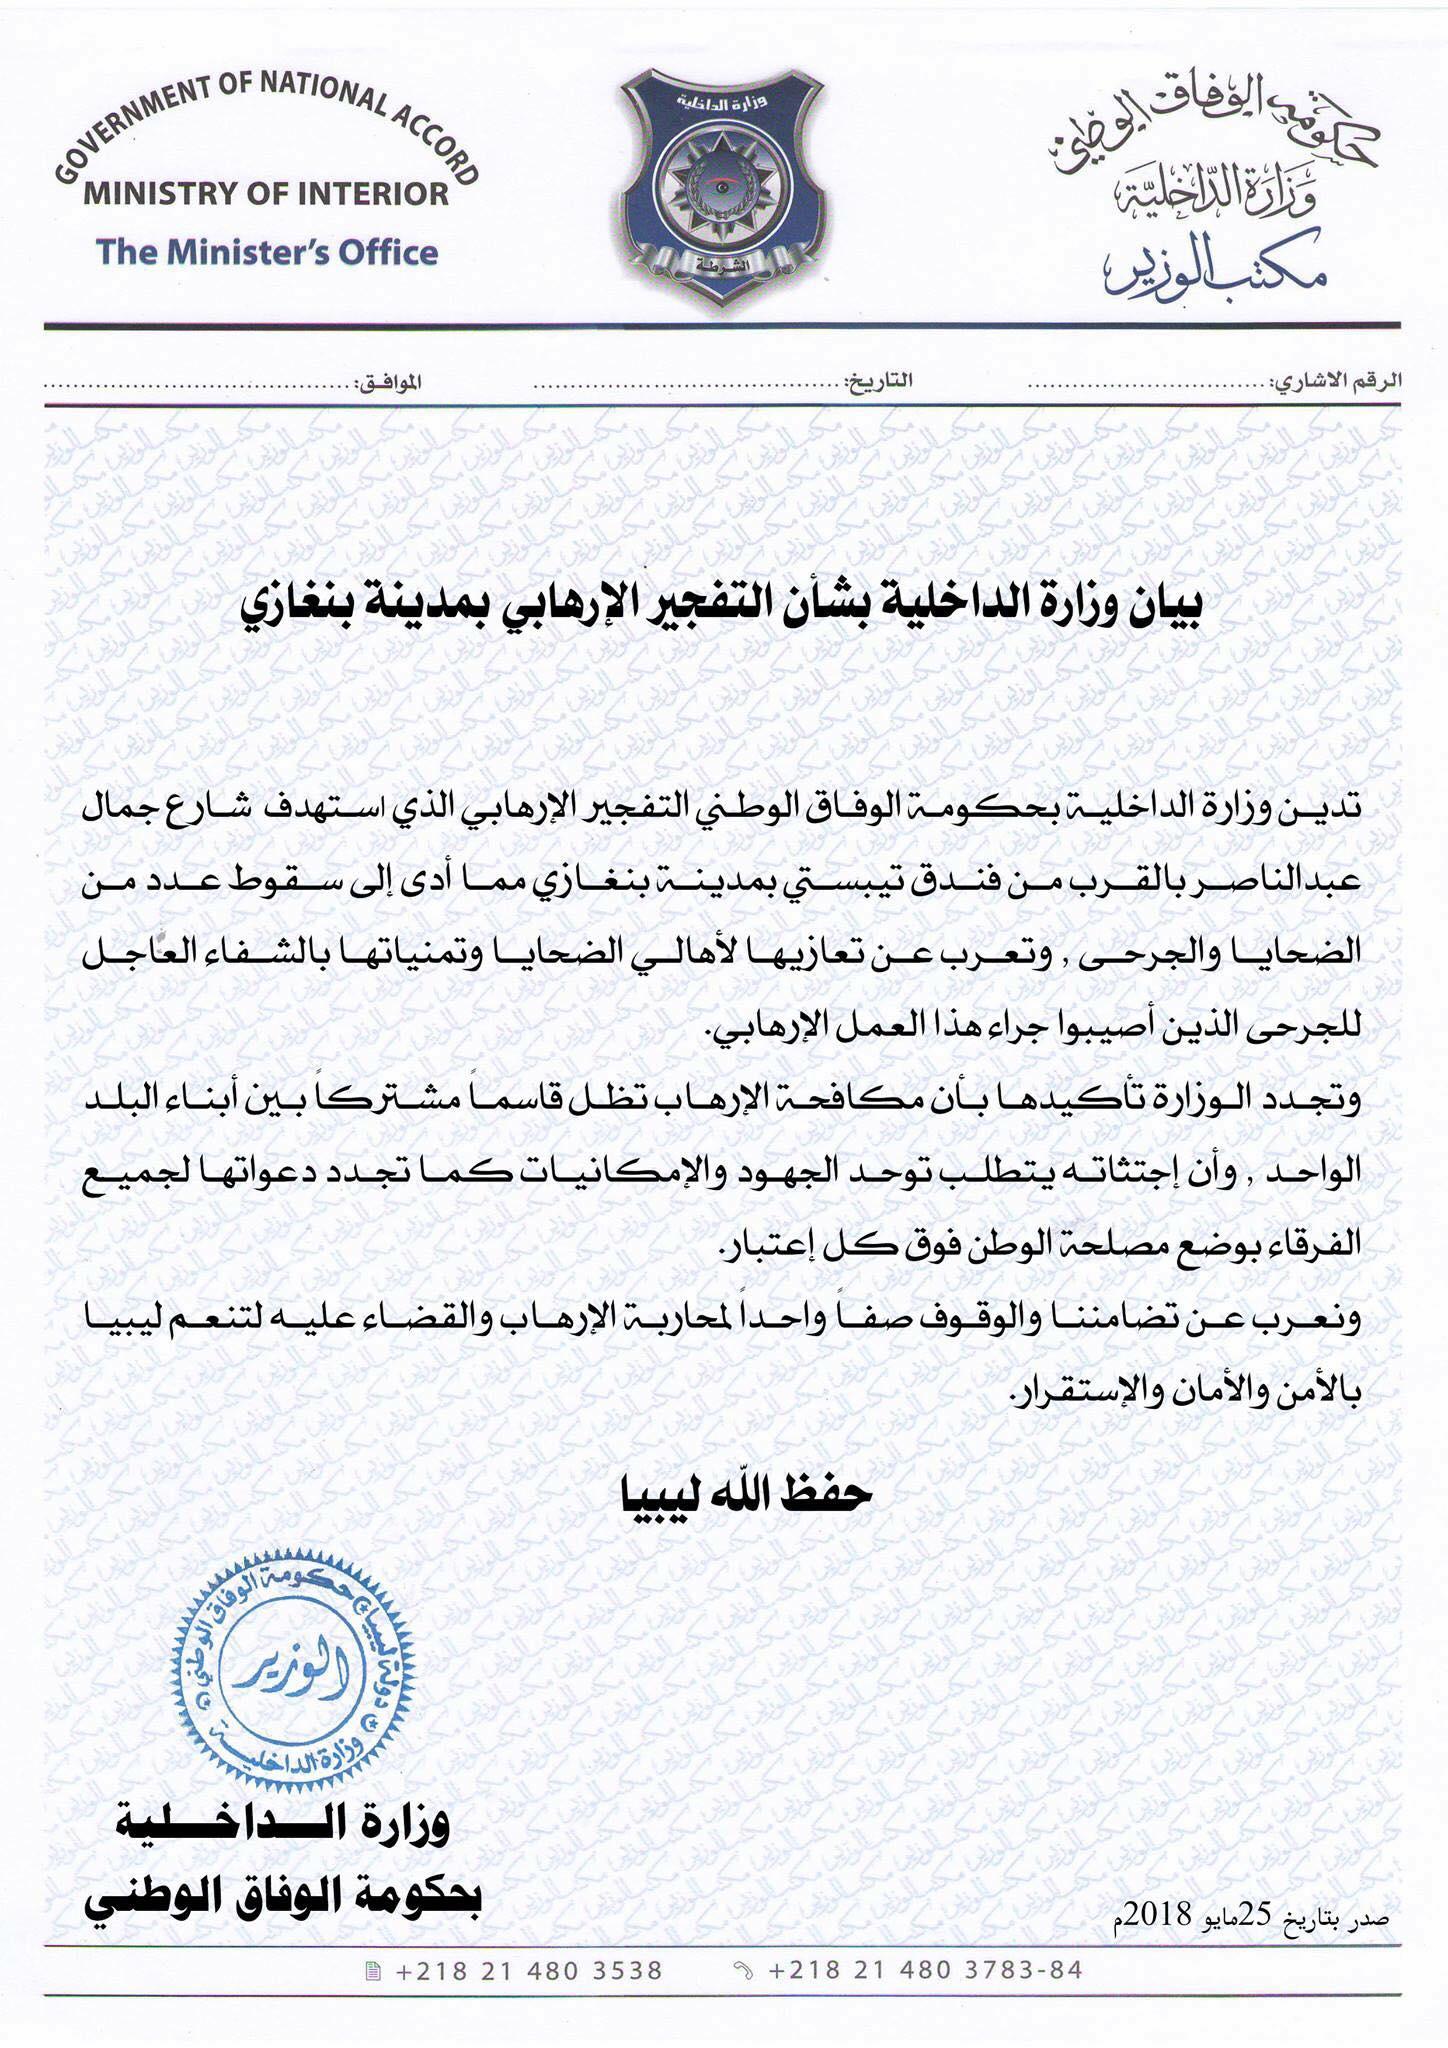 بيان داخلية الوفاق